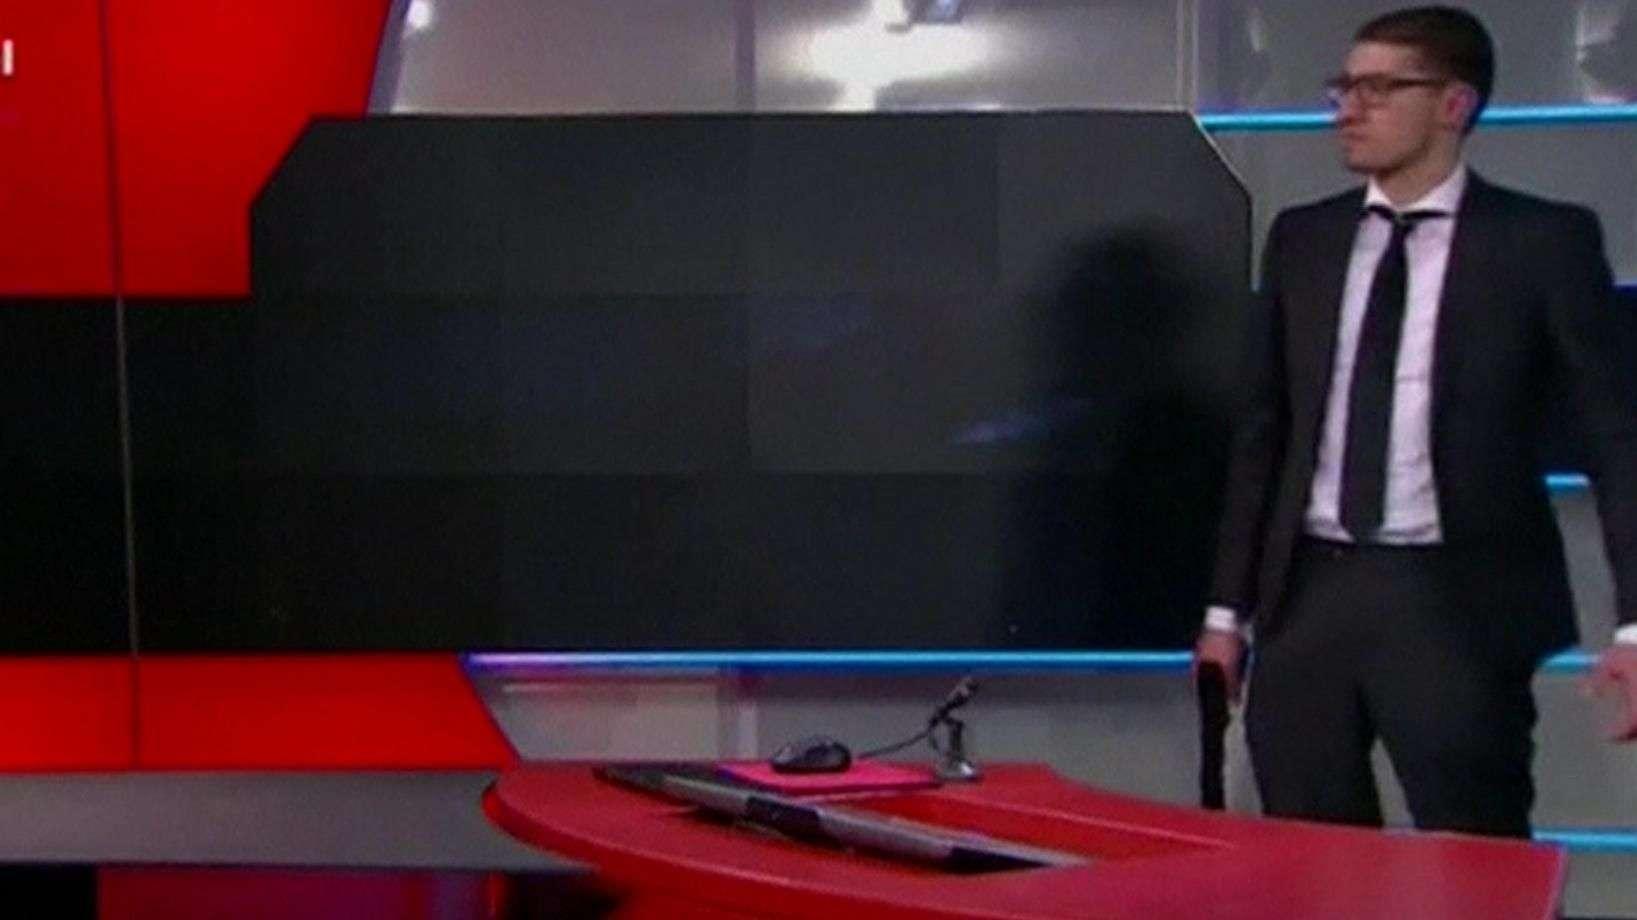 Homem invade emissora de TV com réplica de pistola